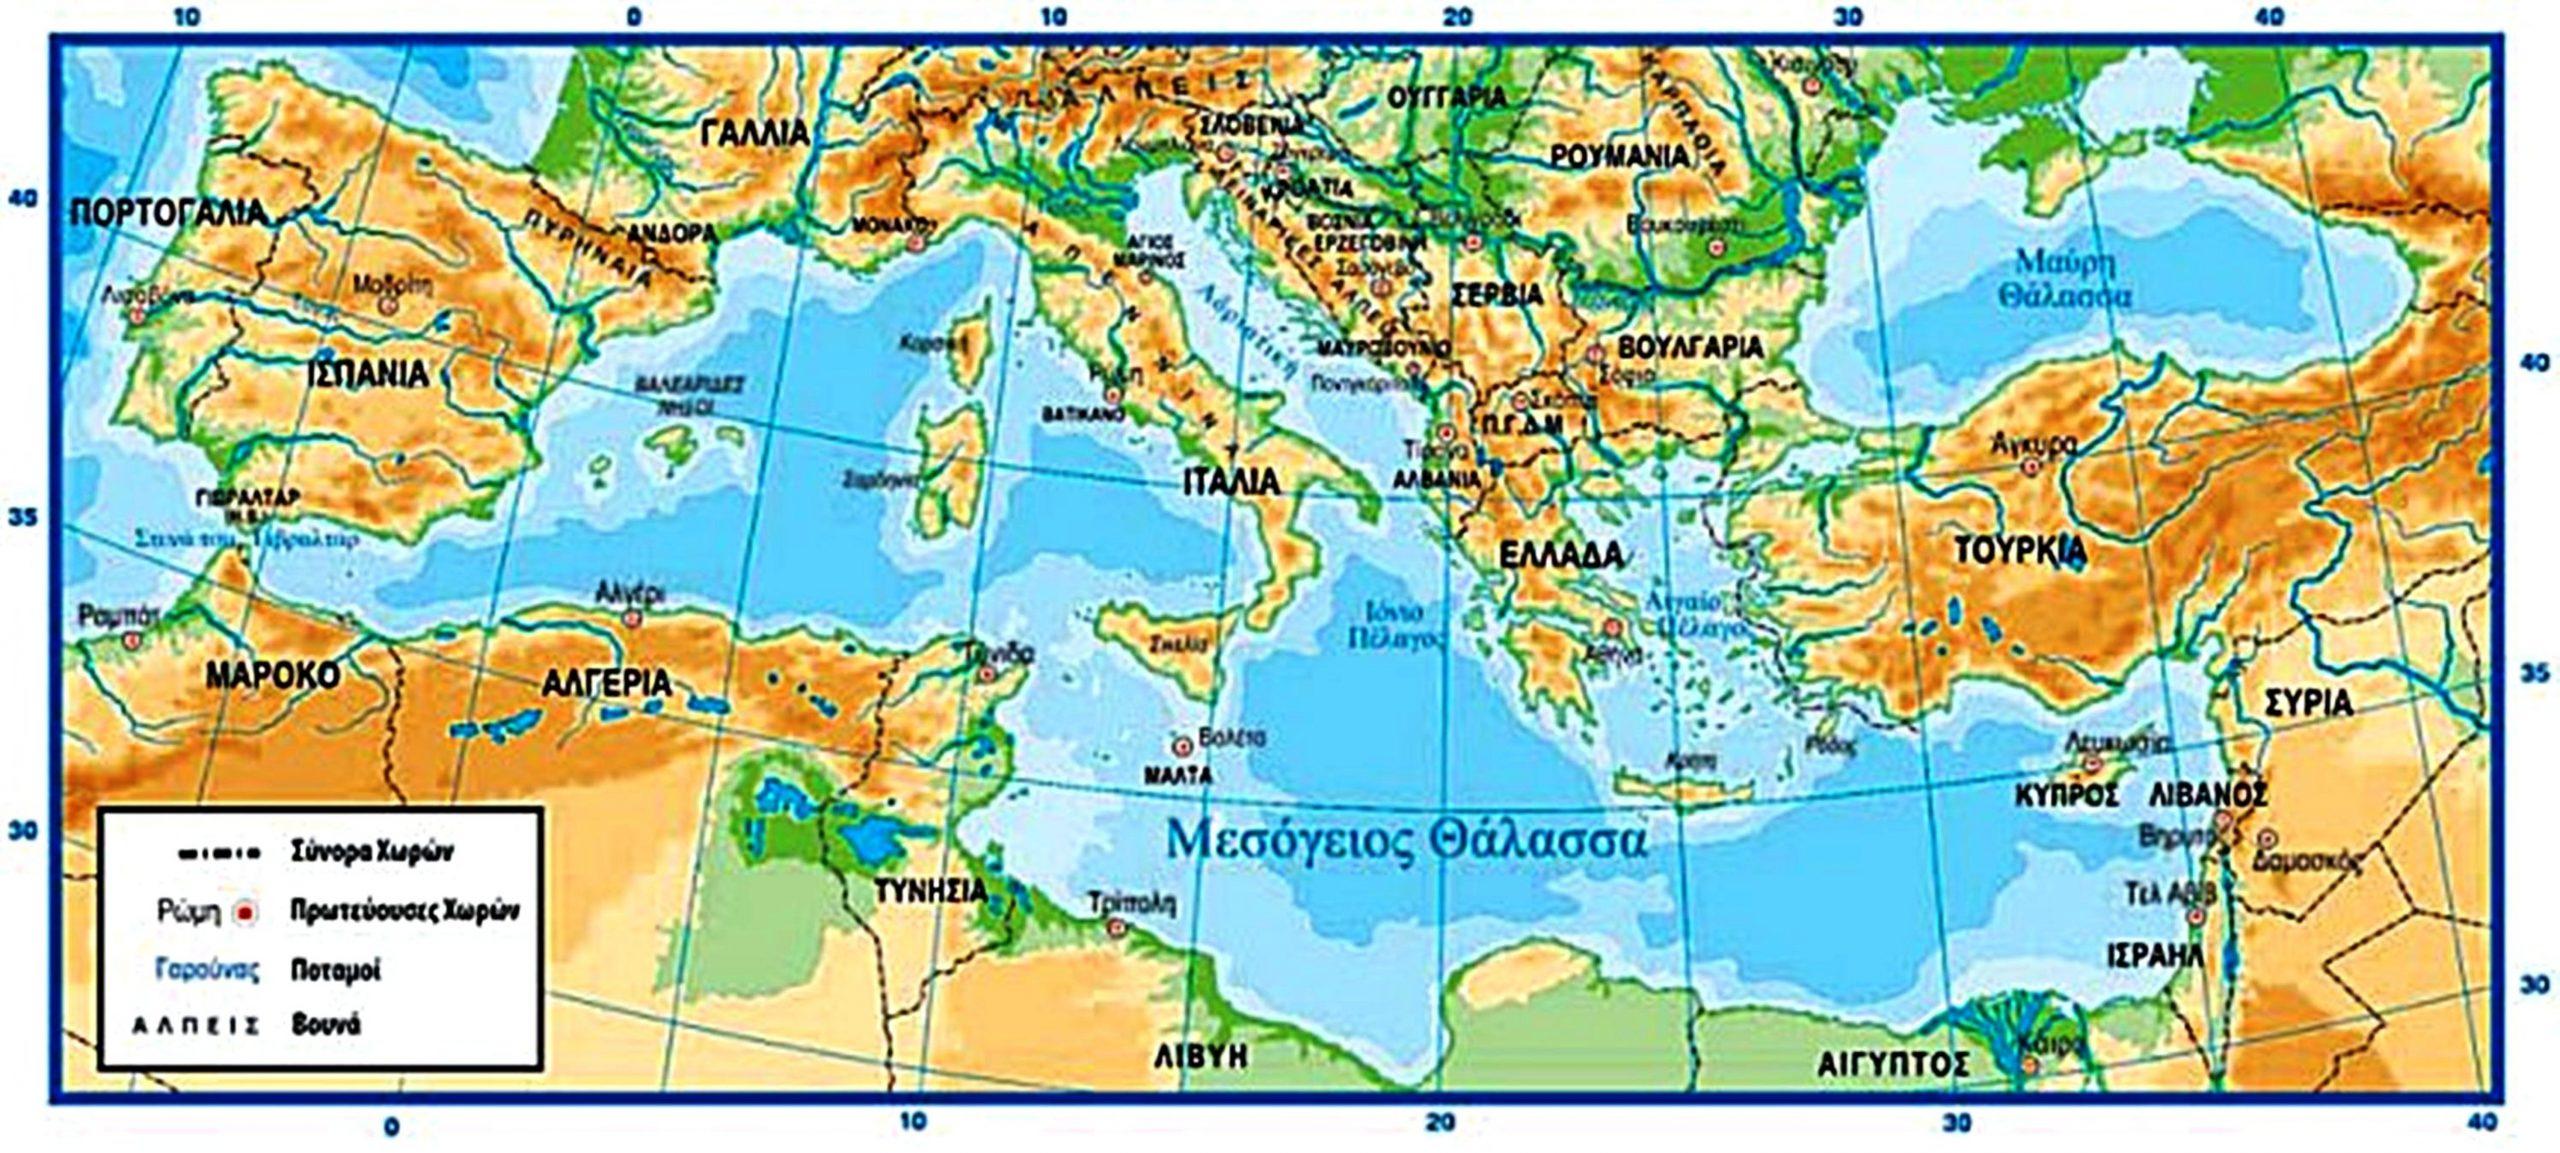 Μεσόγειος, ελάχιστα πριν την Τρίτη δεκαετία του 21ου αιώνα